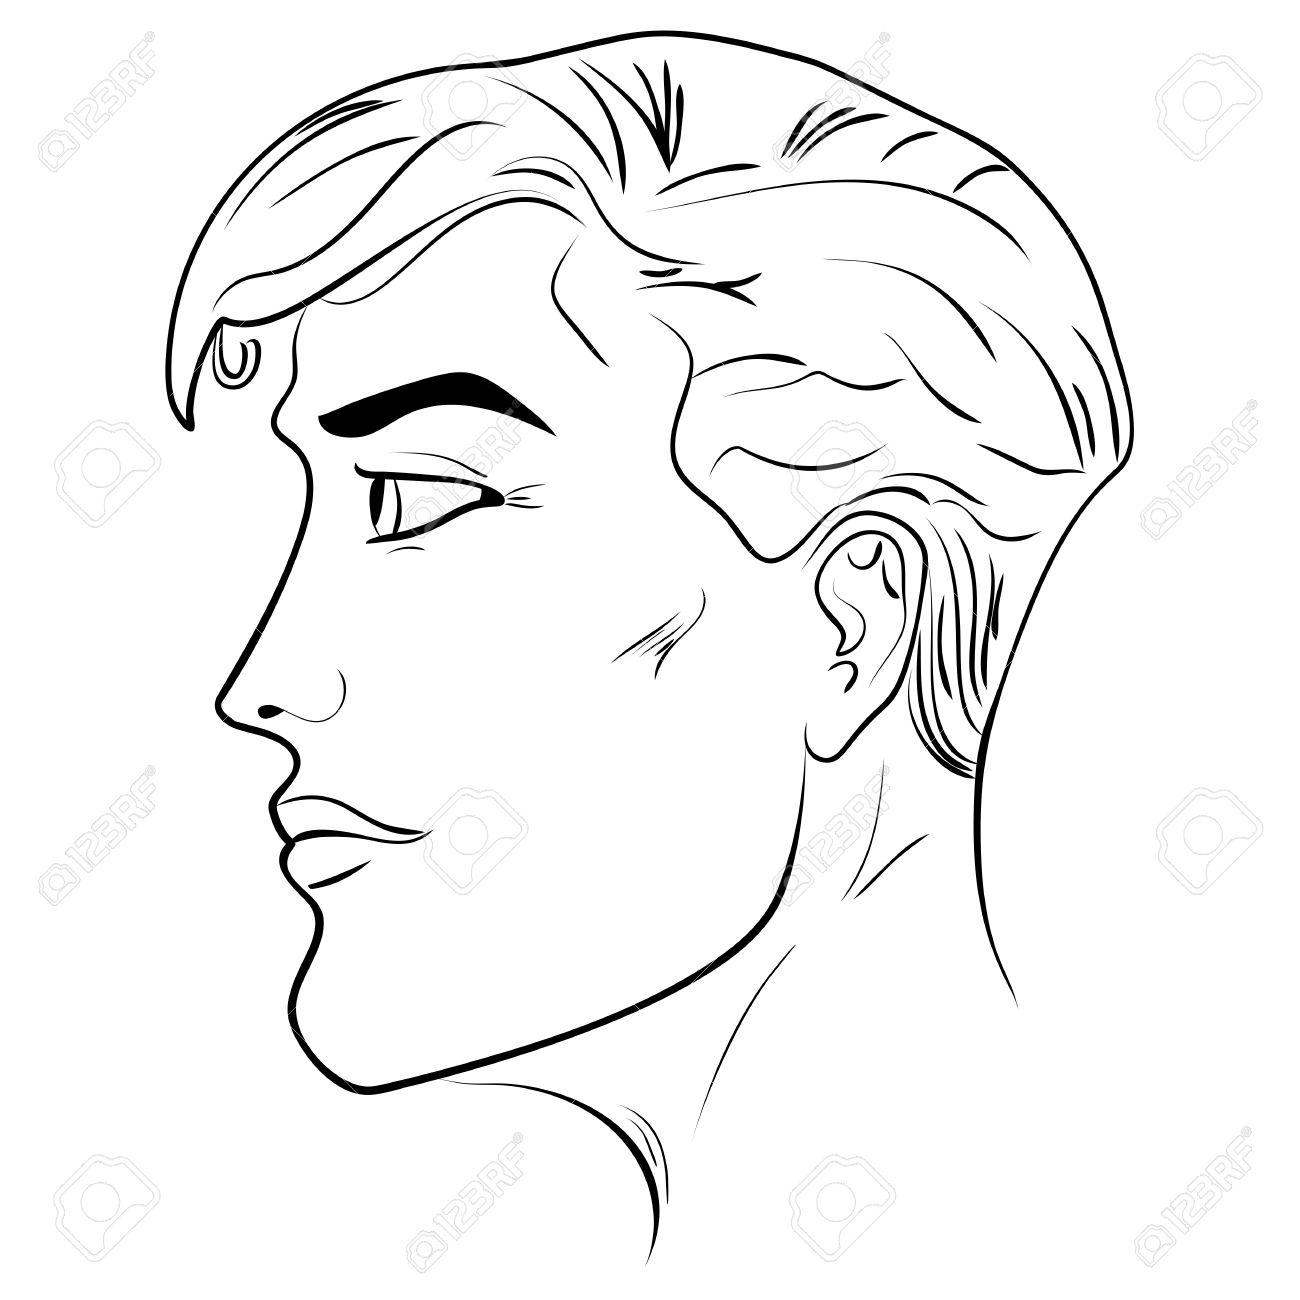 男性頭顔のクローズ アップ黒と白のイラスト男顔パターンの